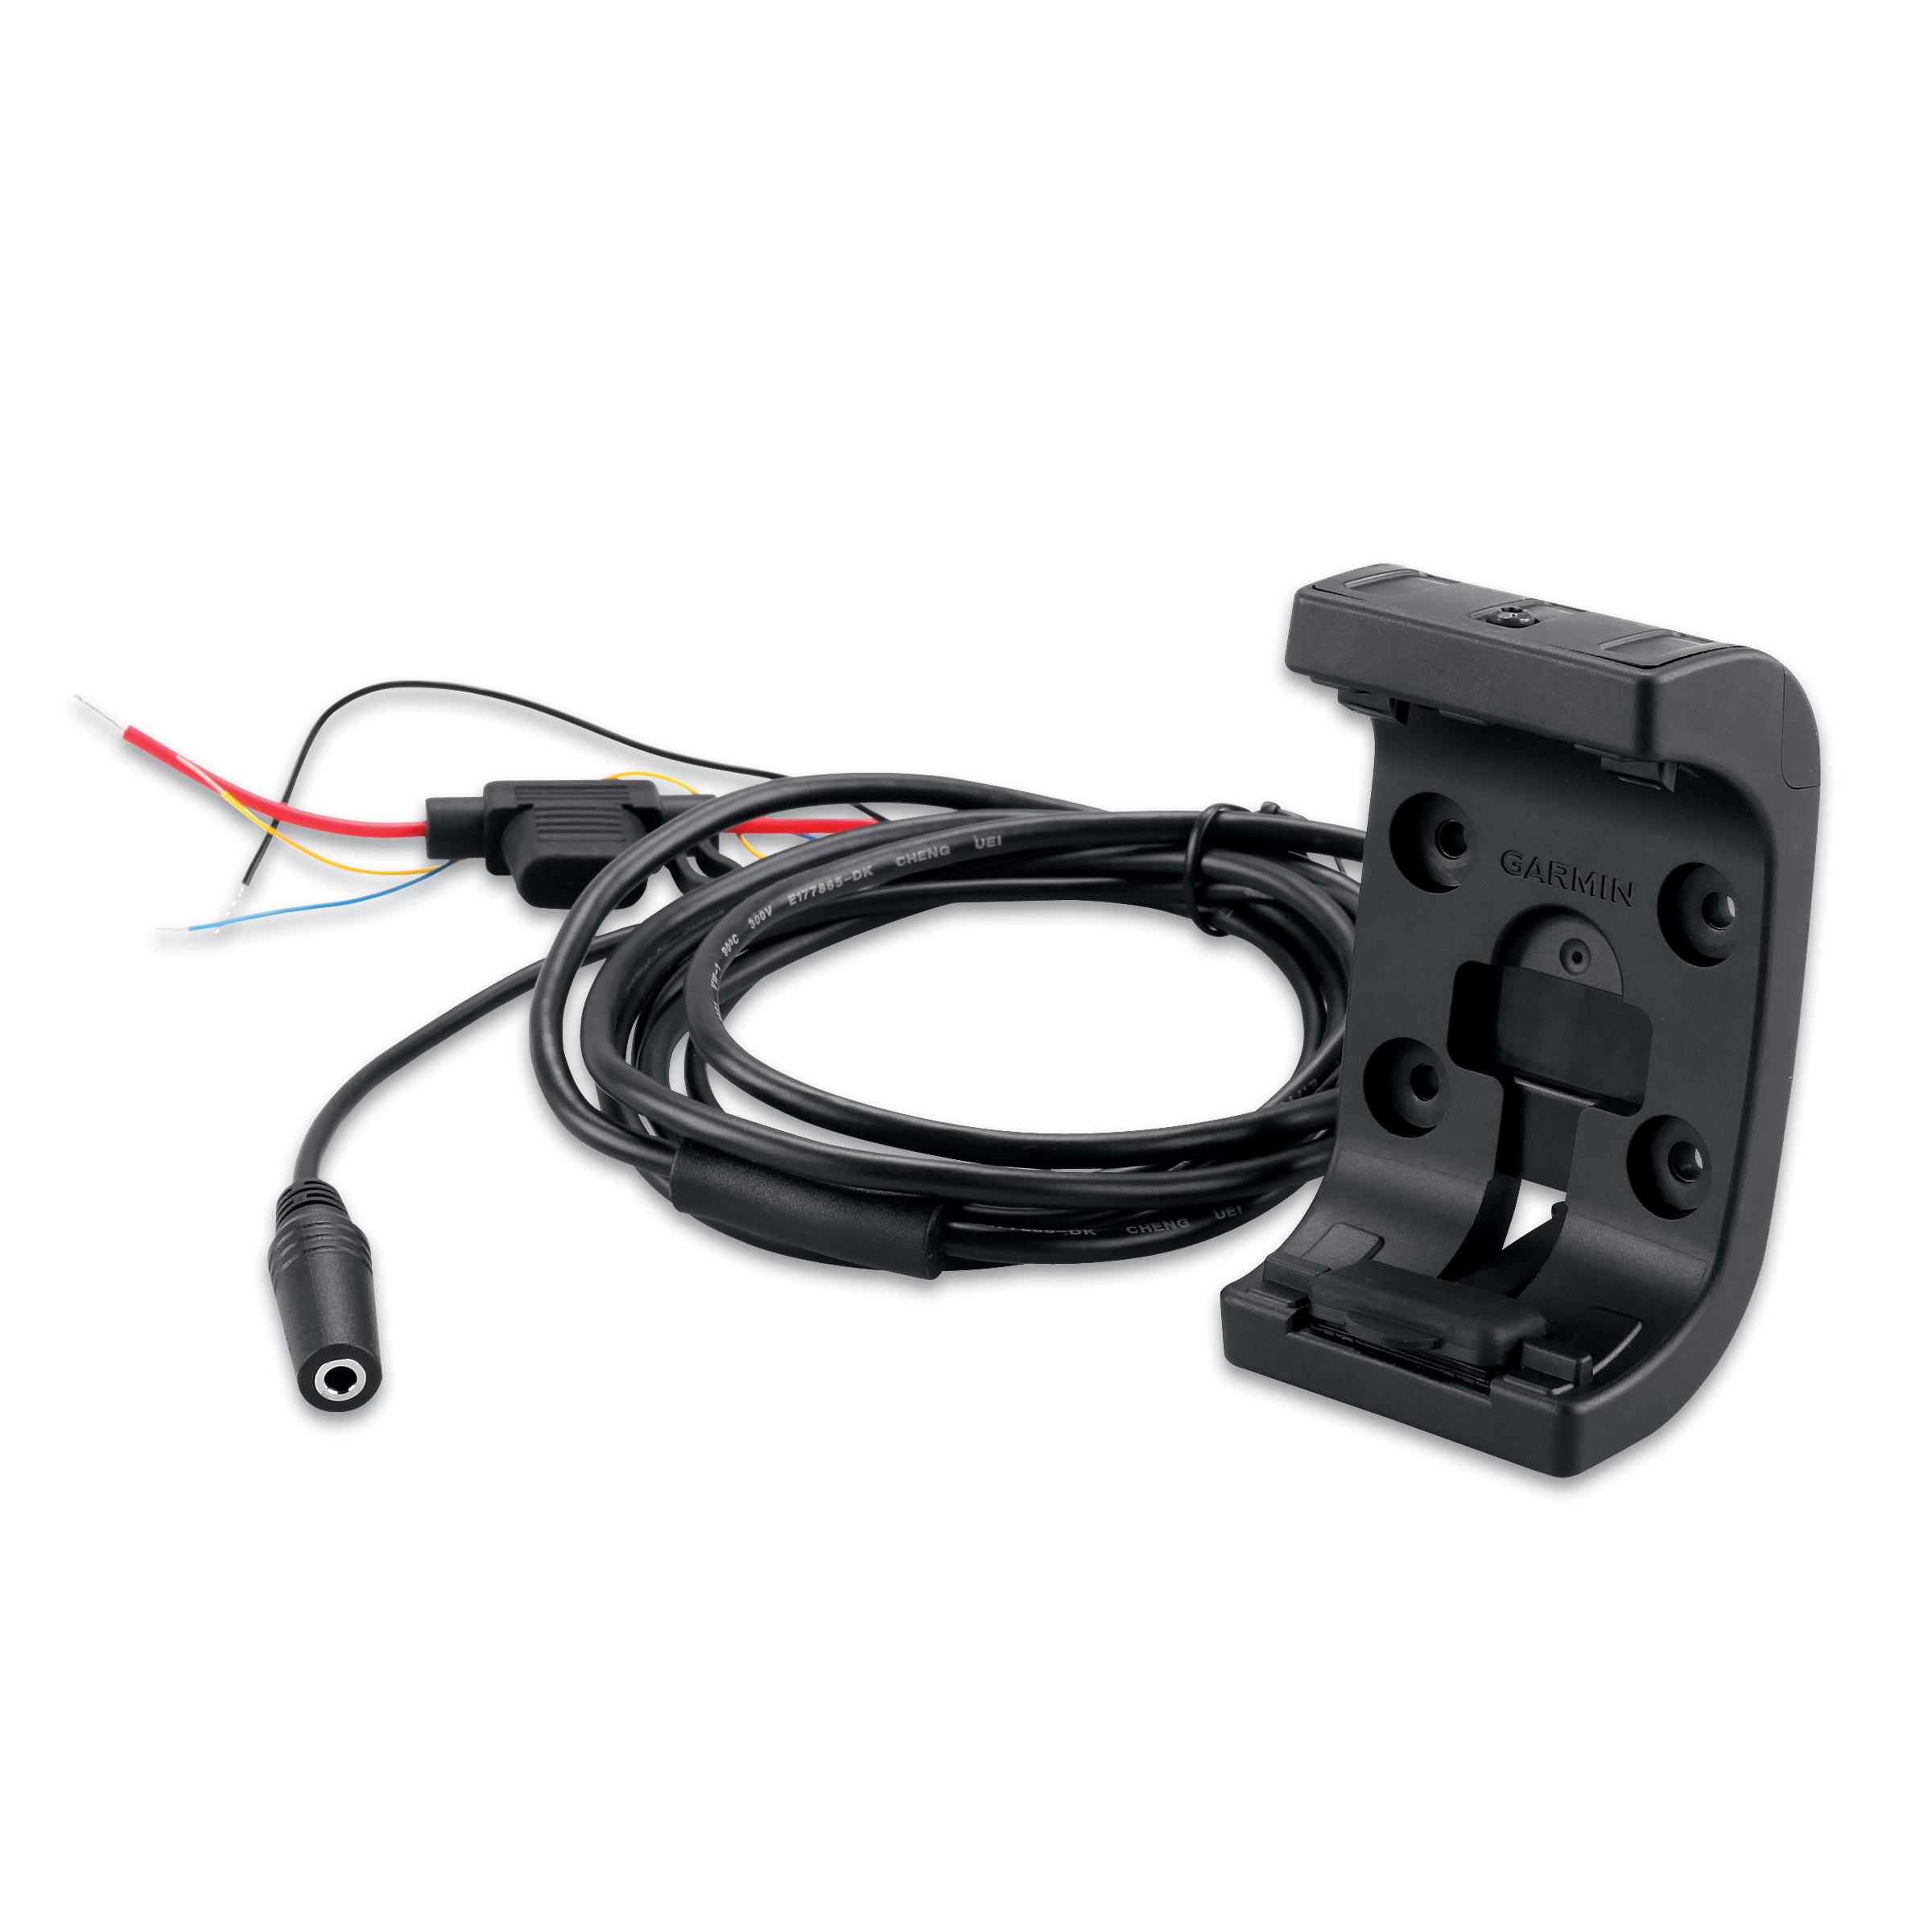 Garmin Instrumentbrädesfäste och audio/spänningskabel